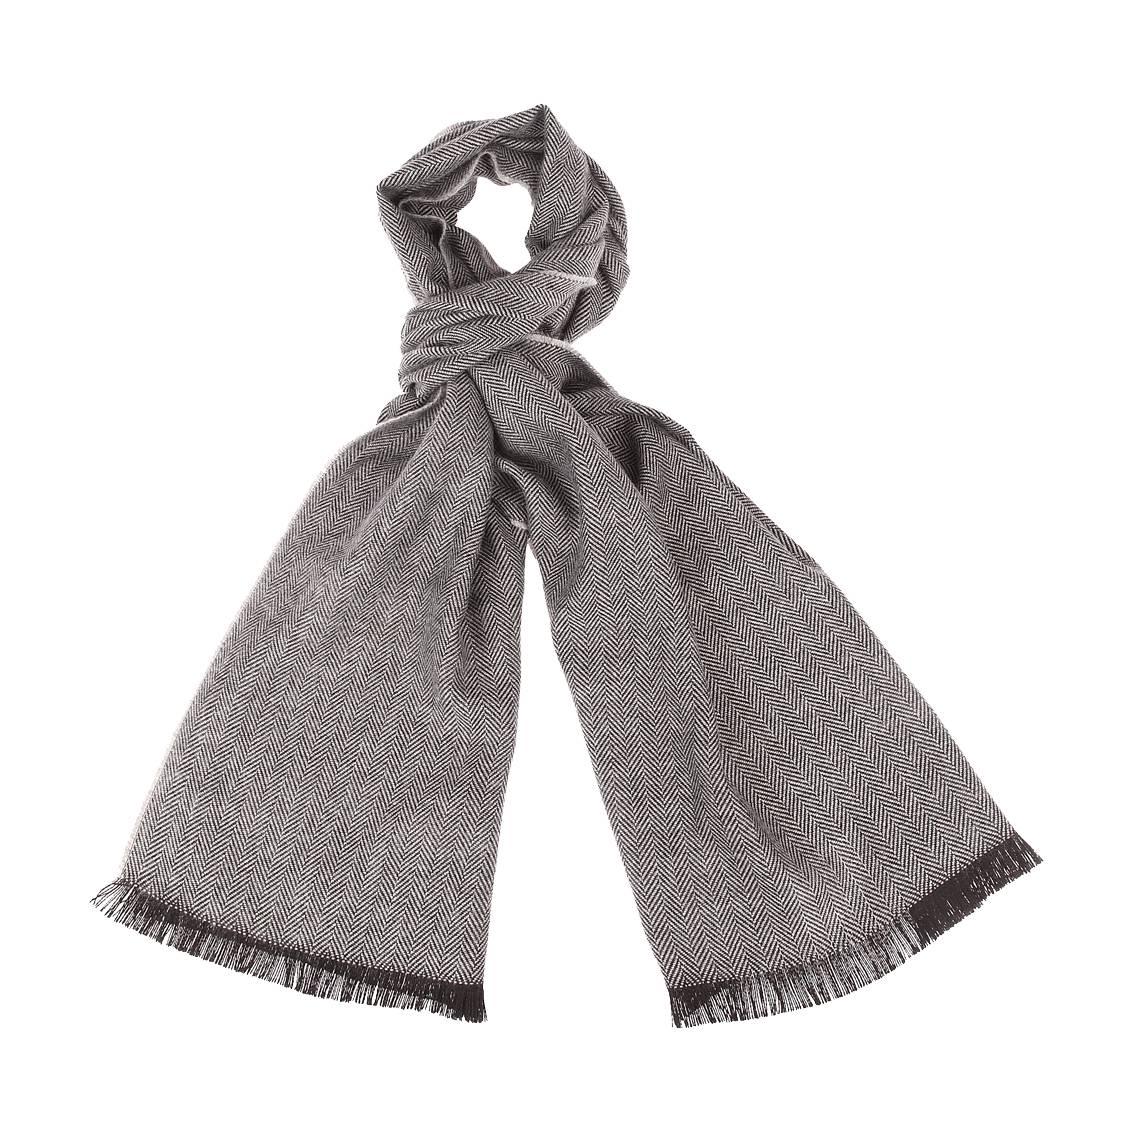 Echarpe jean chatel en laine mélangée à chevrons gris clair et gris anthracite